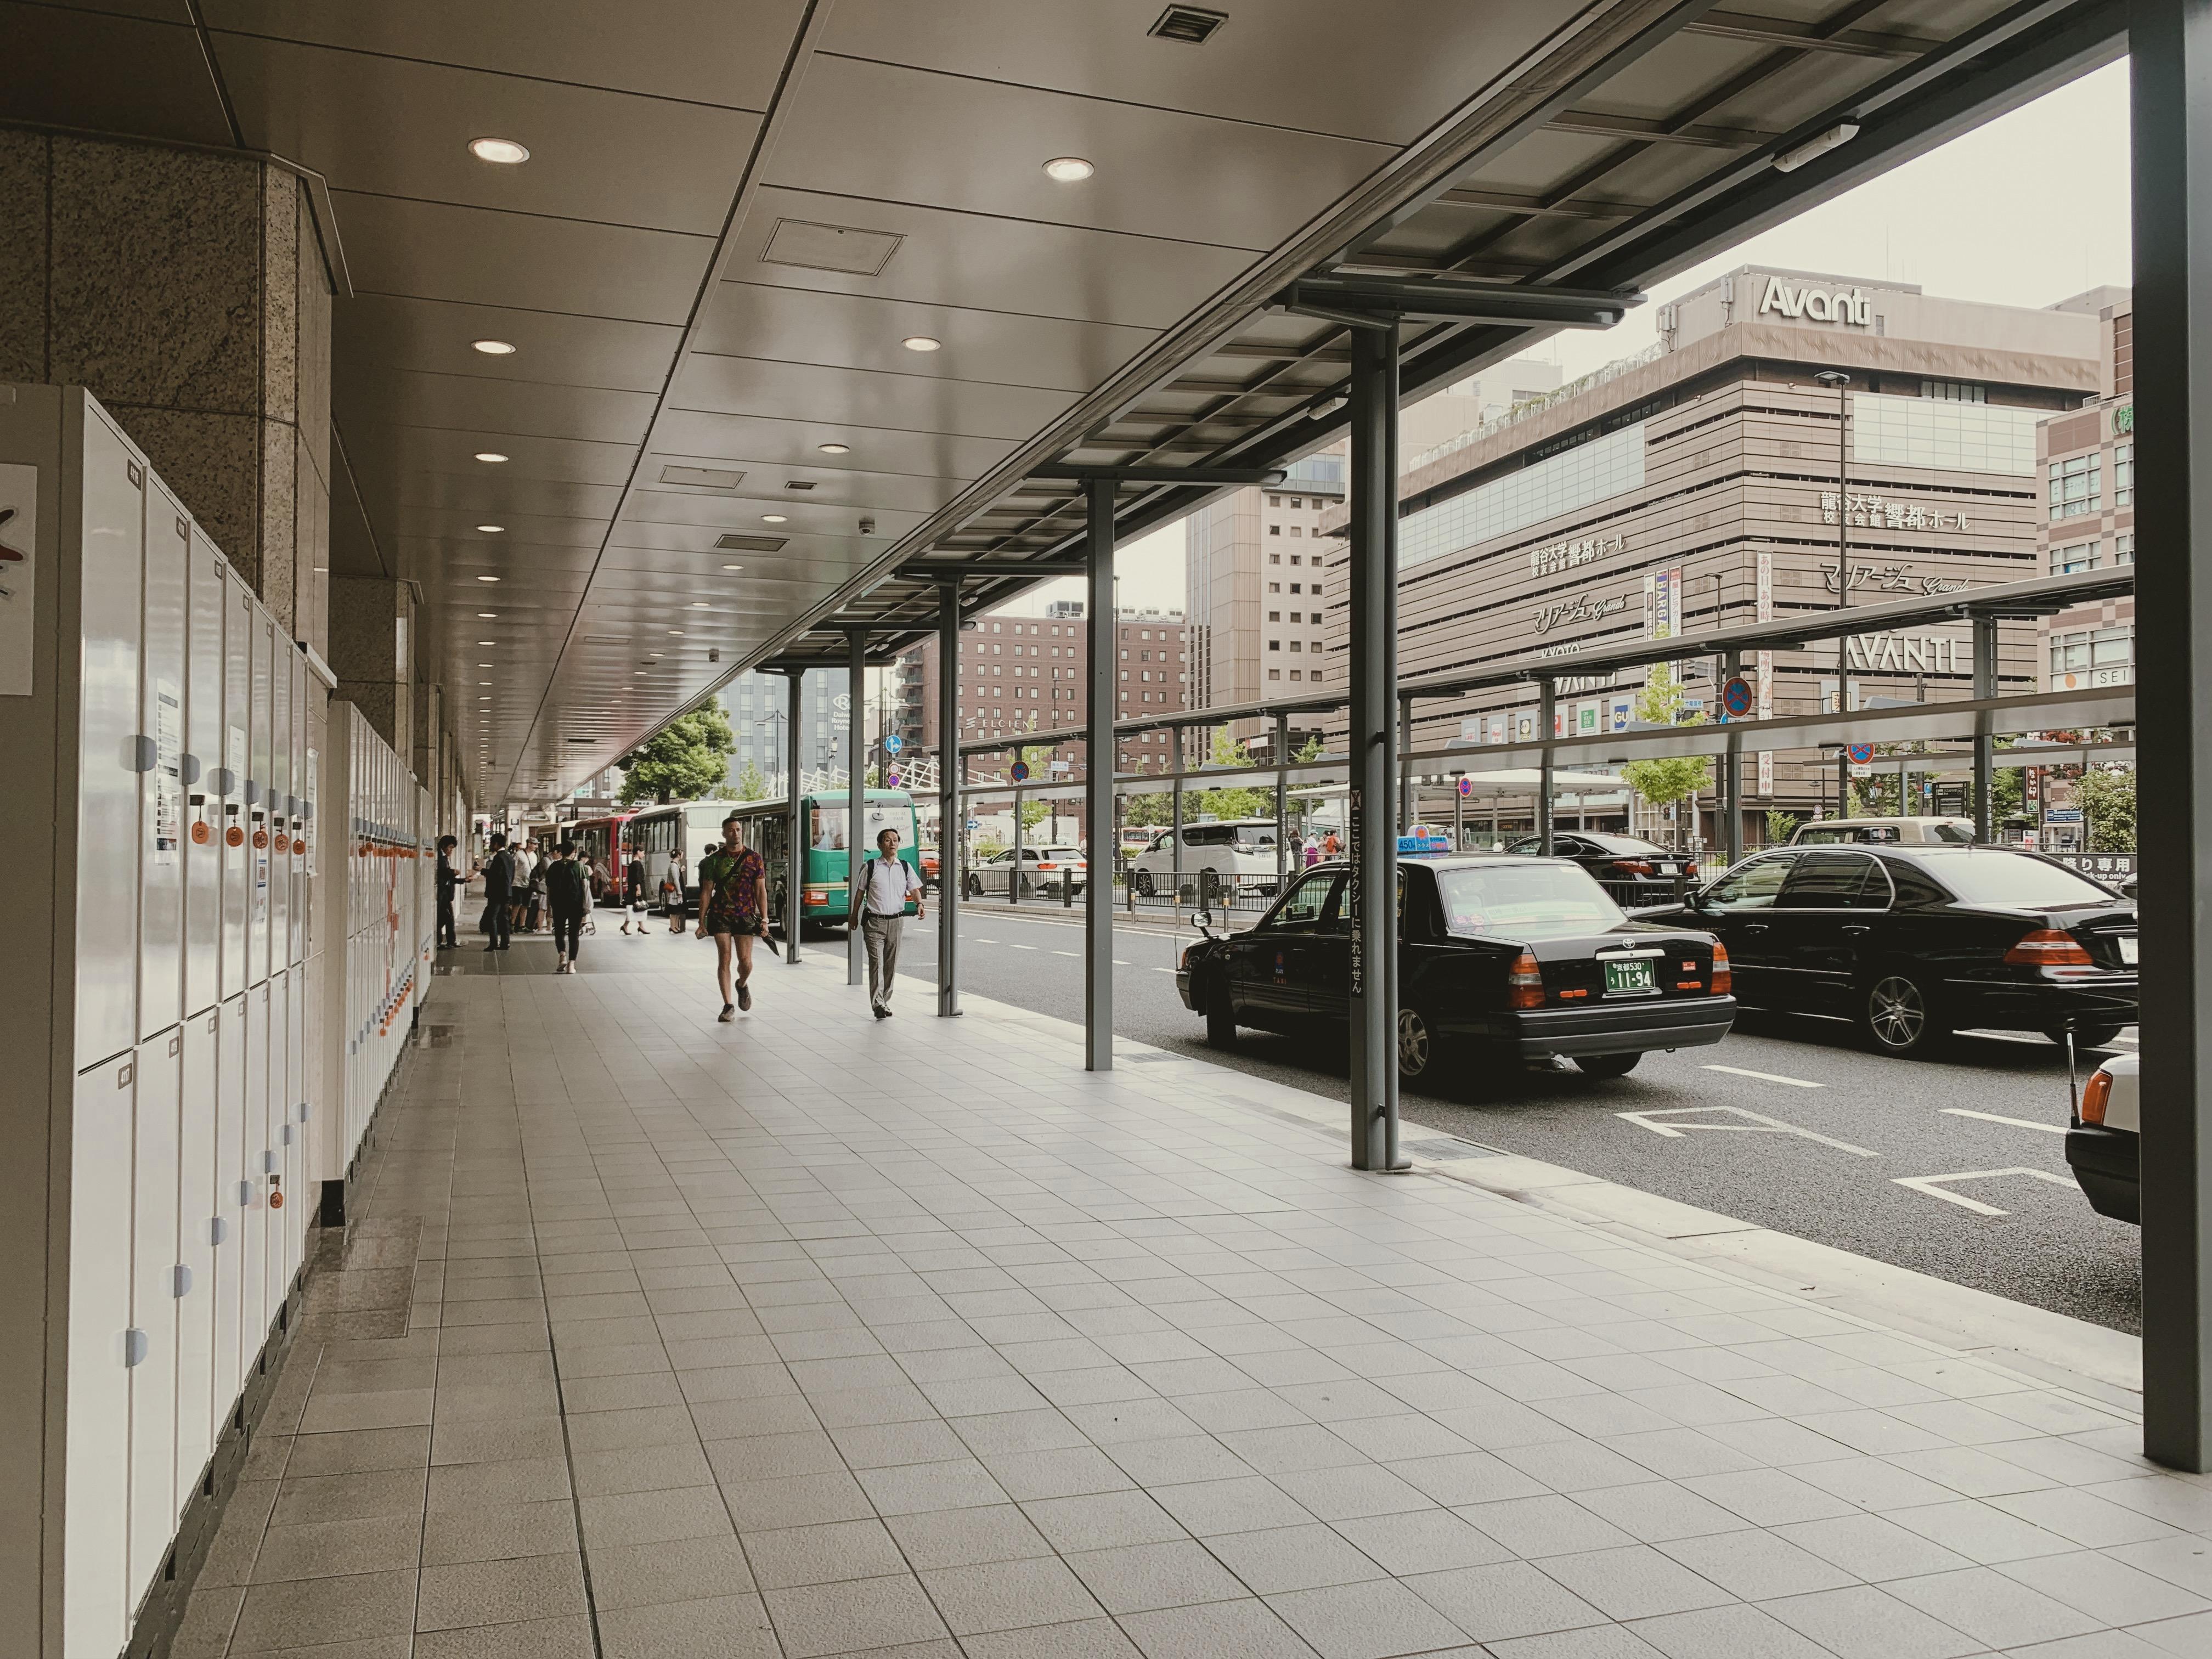 จุดขึ้น Kyoto Bus ที่ทางออก 4 hachijo west sideสถานีเกียวโต